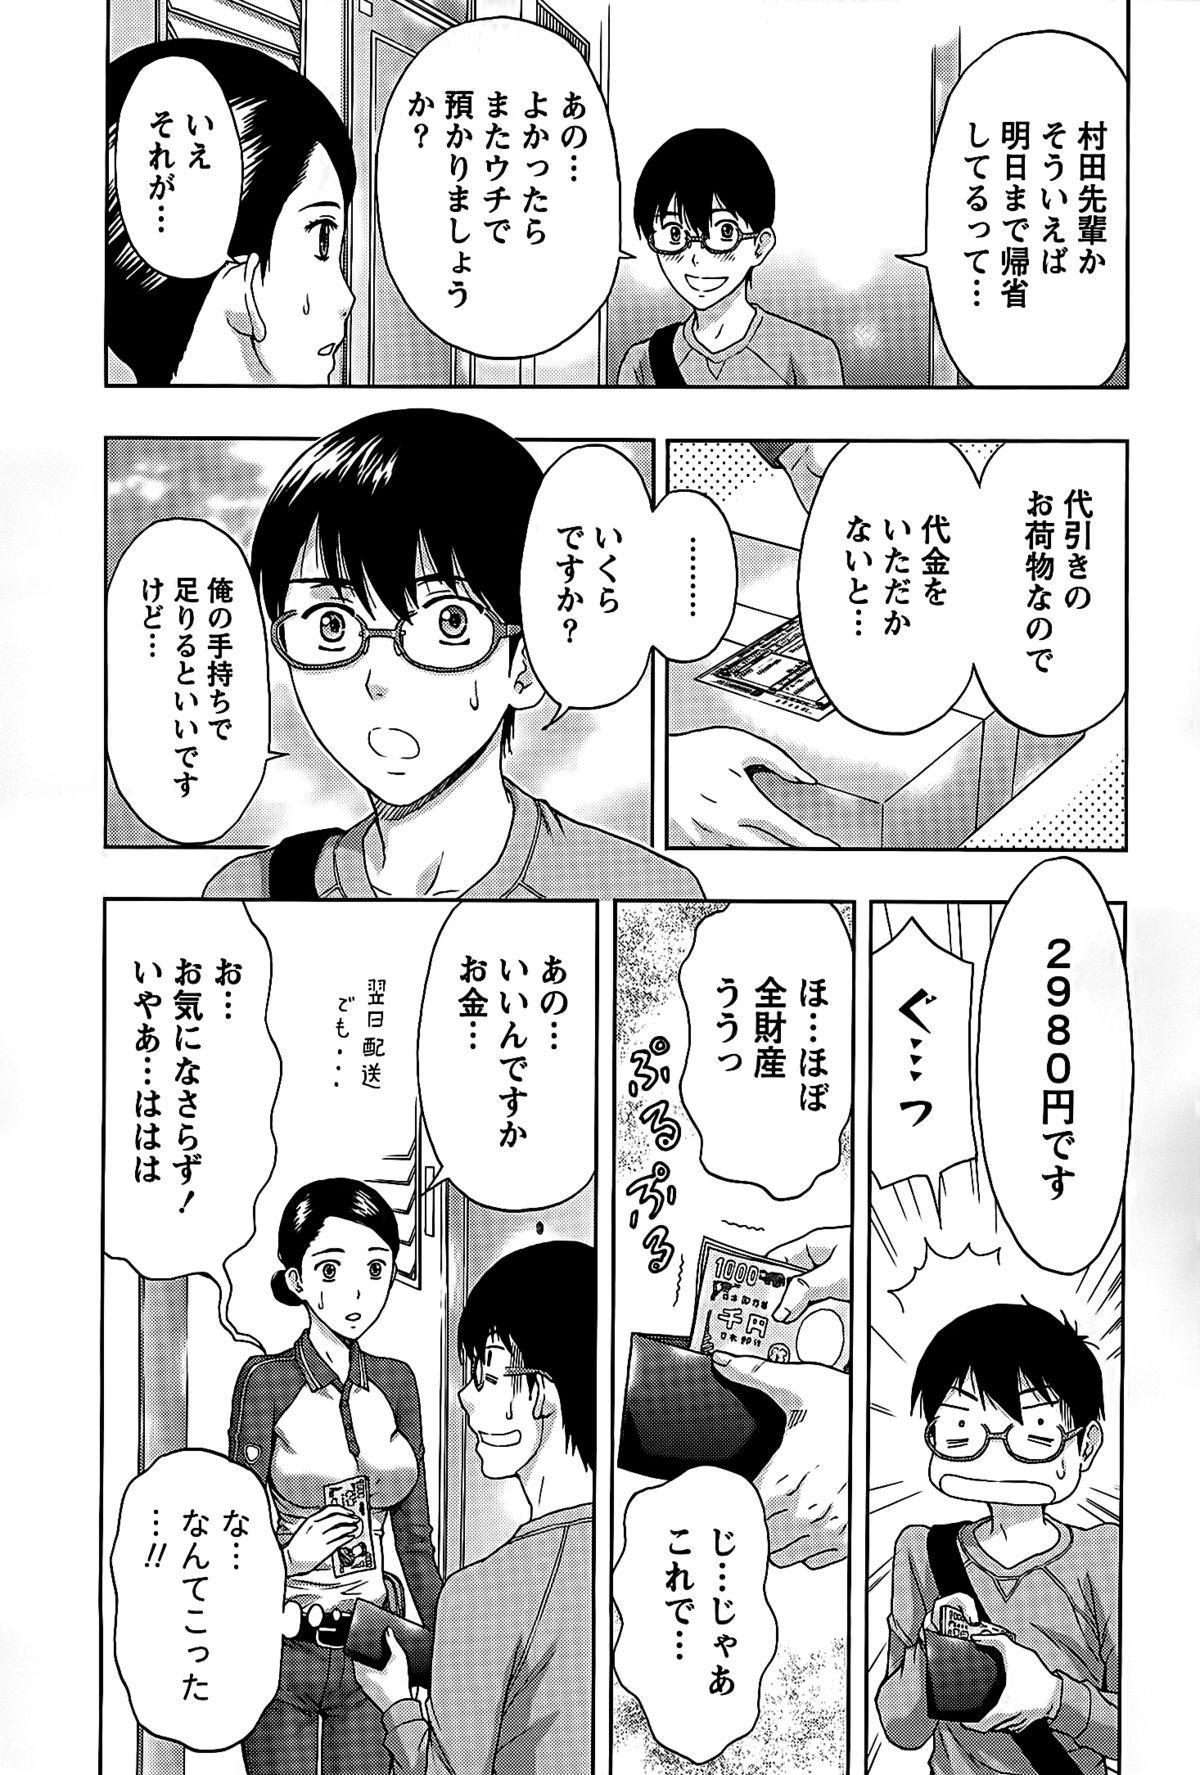 Shittori Lady to Amai Mitsu 50